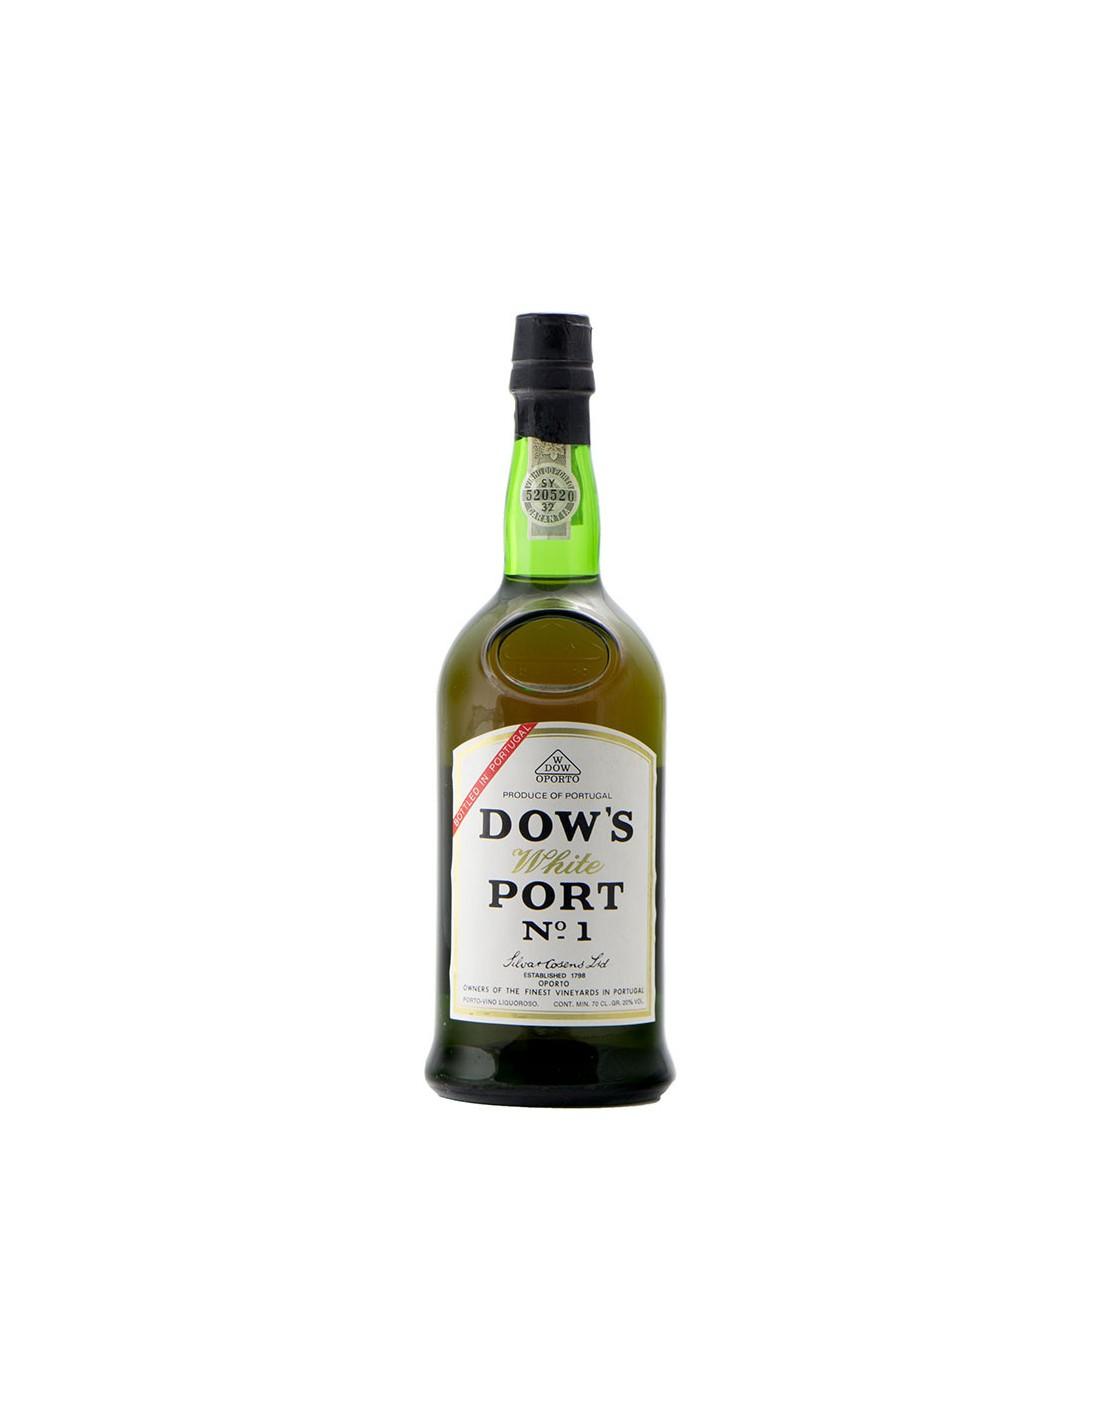 PORT N 1 WHITE DOW'S NV SILVA COSENS Grandi Bottiglie